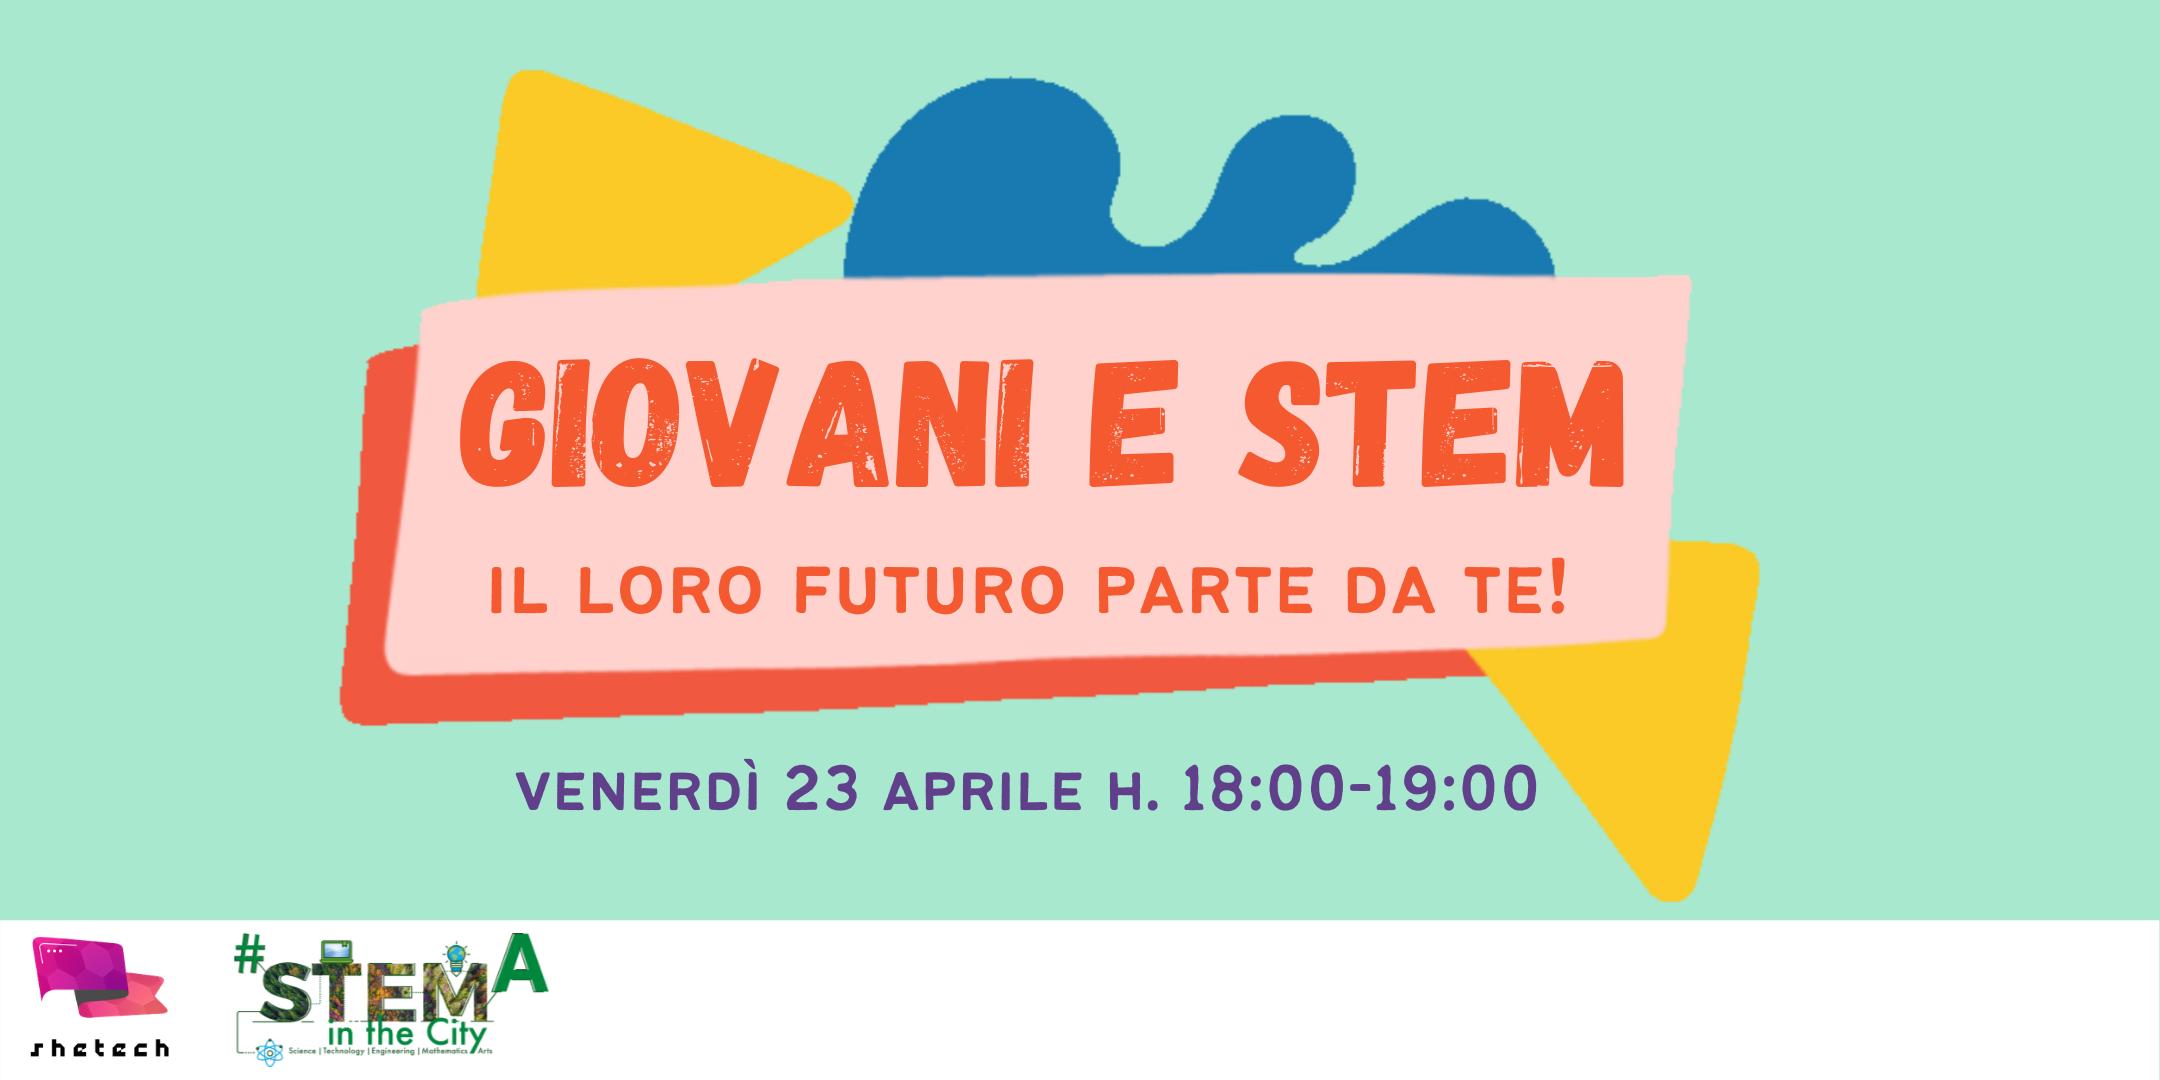 giovani e STEM: il loro futuro parte da te!